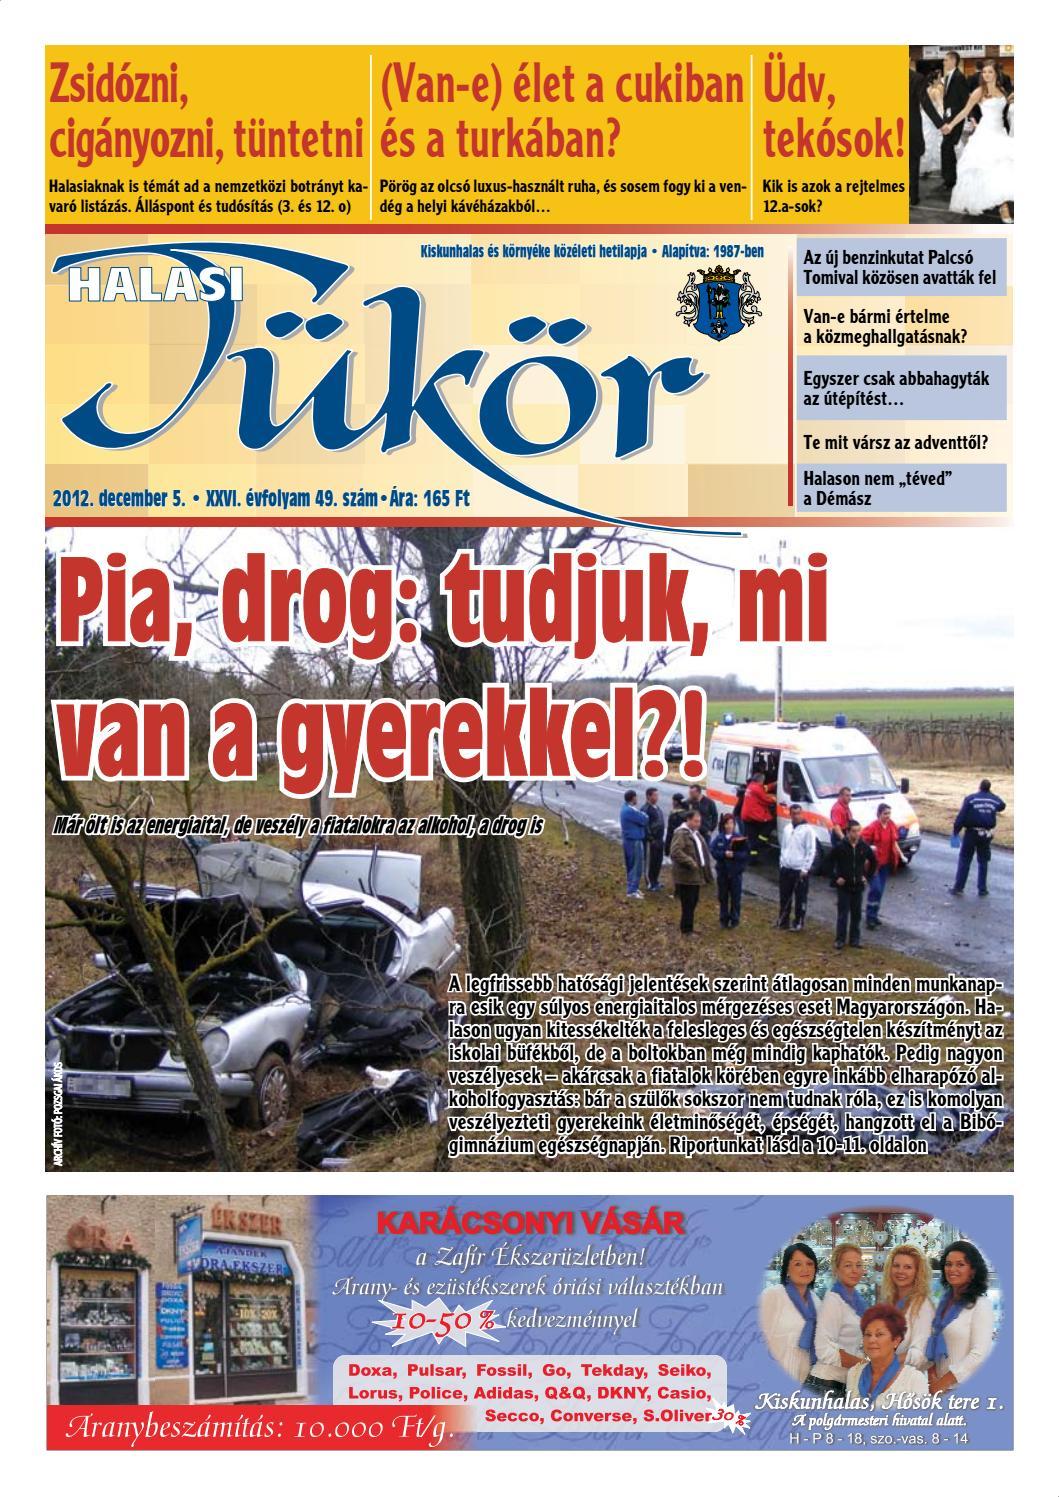 XXVI. évf. 49. szám 2012. december 5. by Halasi Tükör - issuu 369f38036e